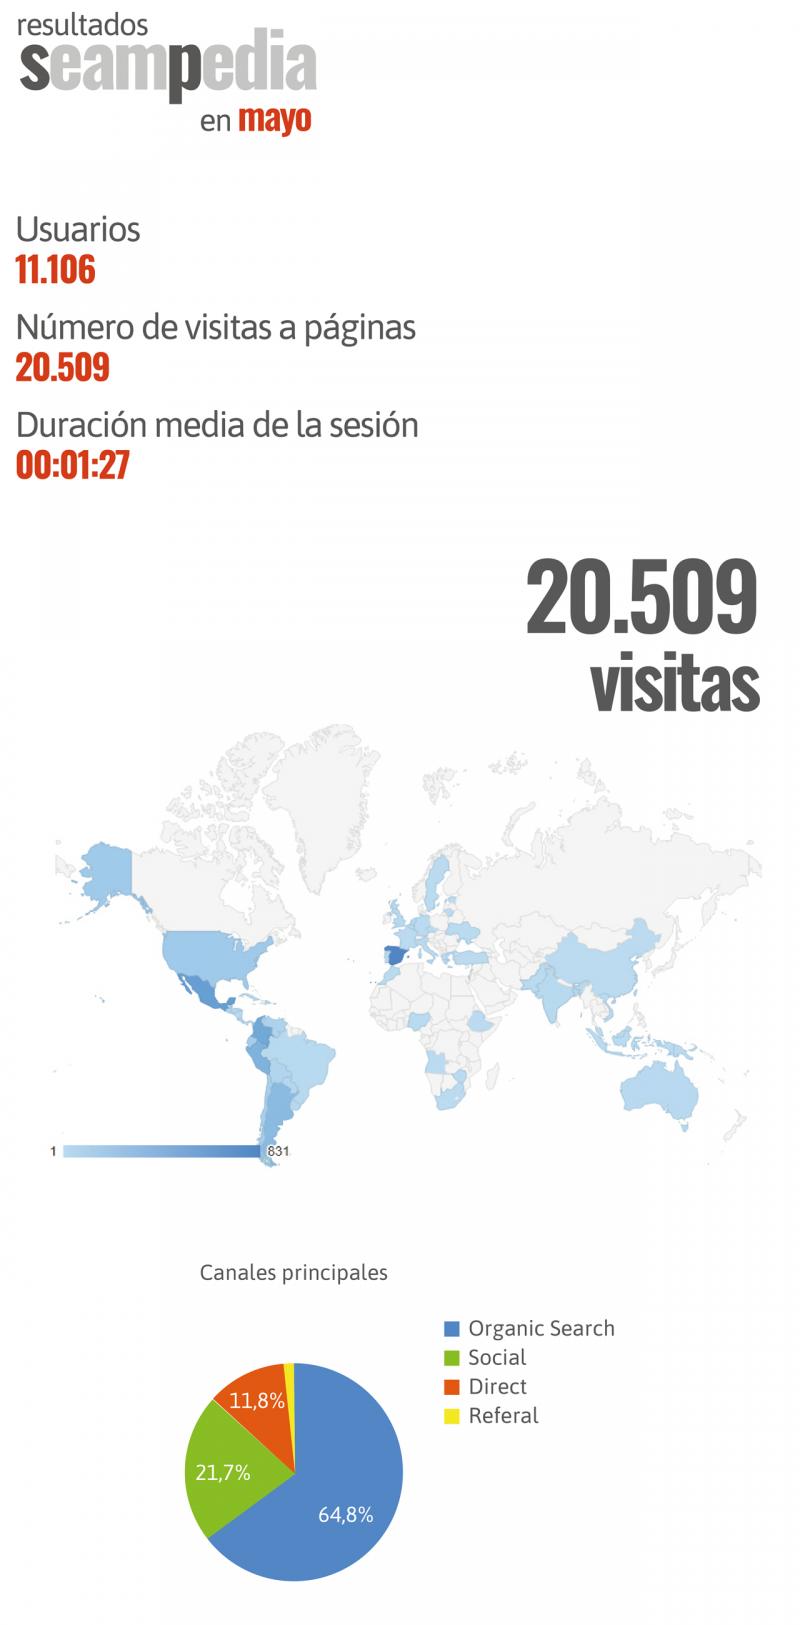 Resultados seampedia Mayo 2019 para la web